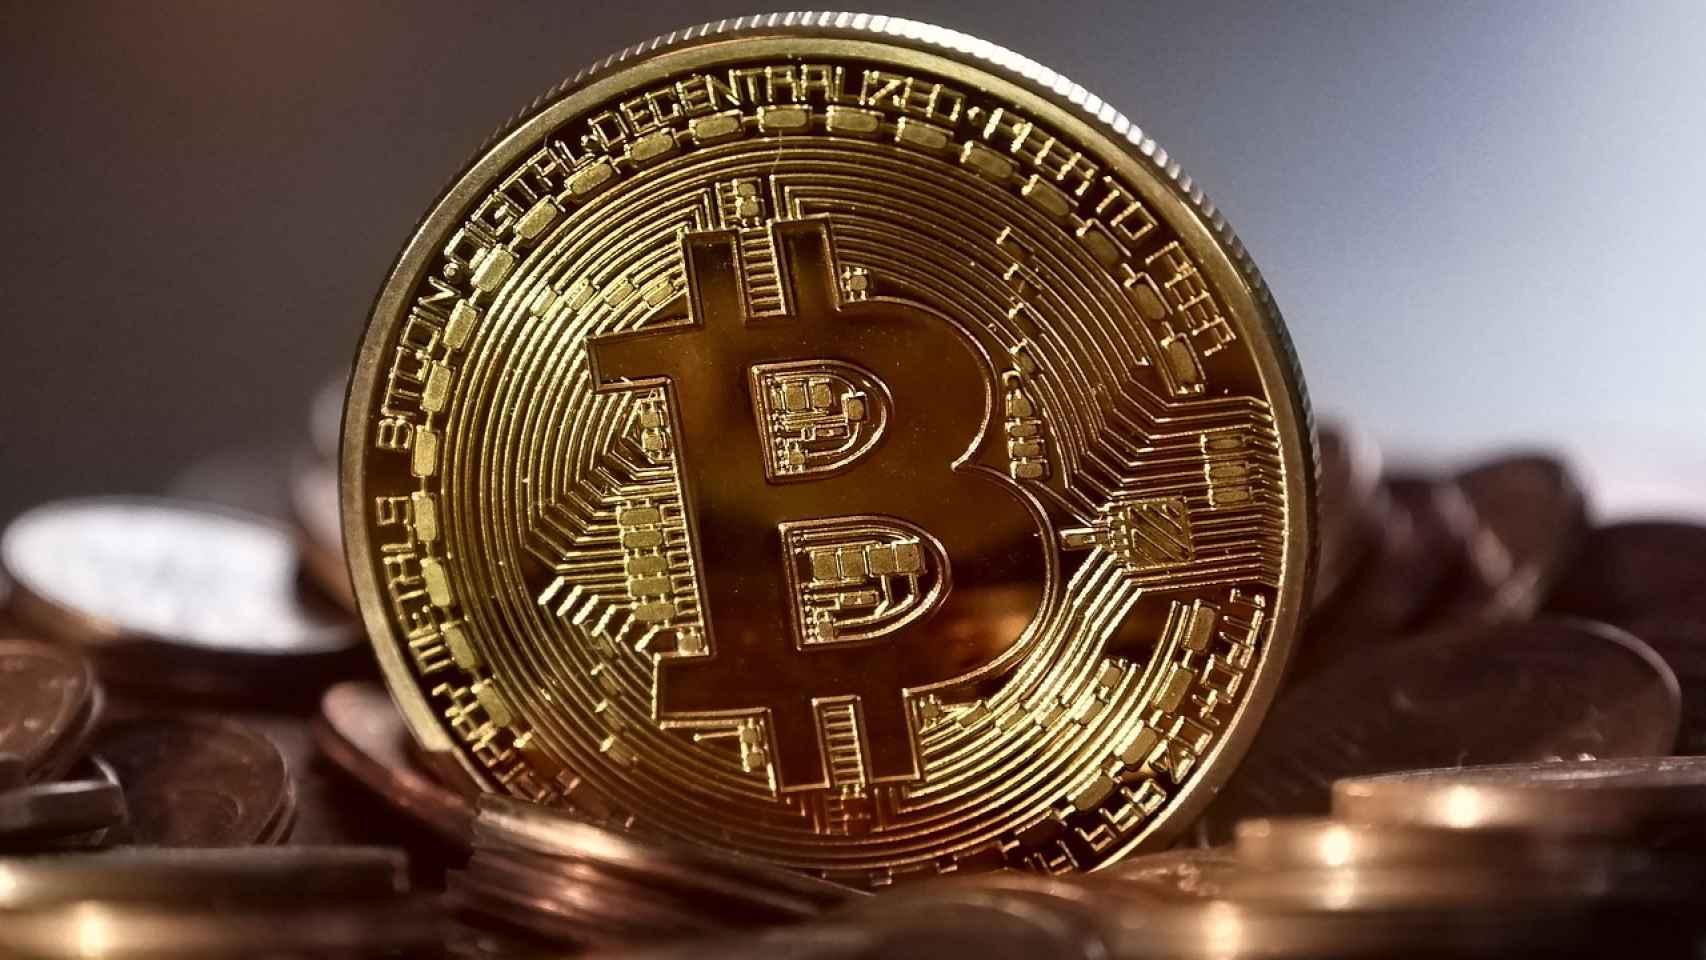 zug de cripto comerciante cartera de moneda virtual